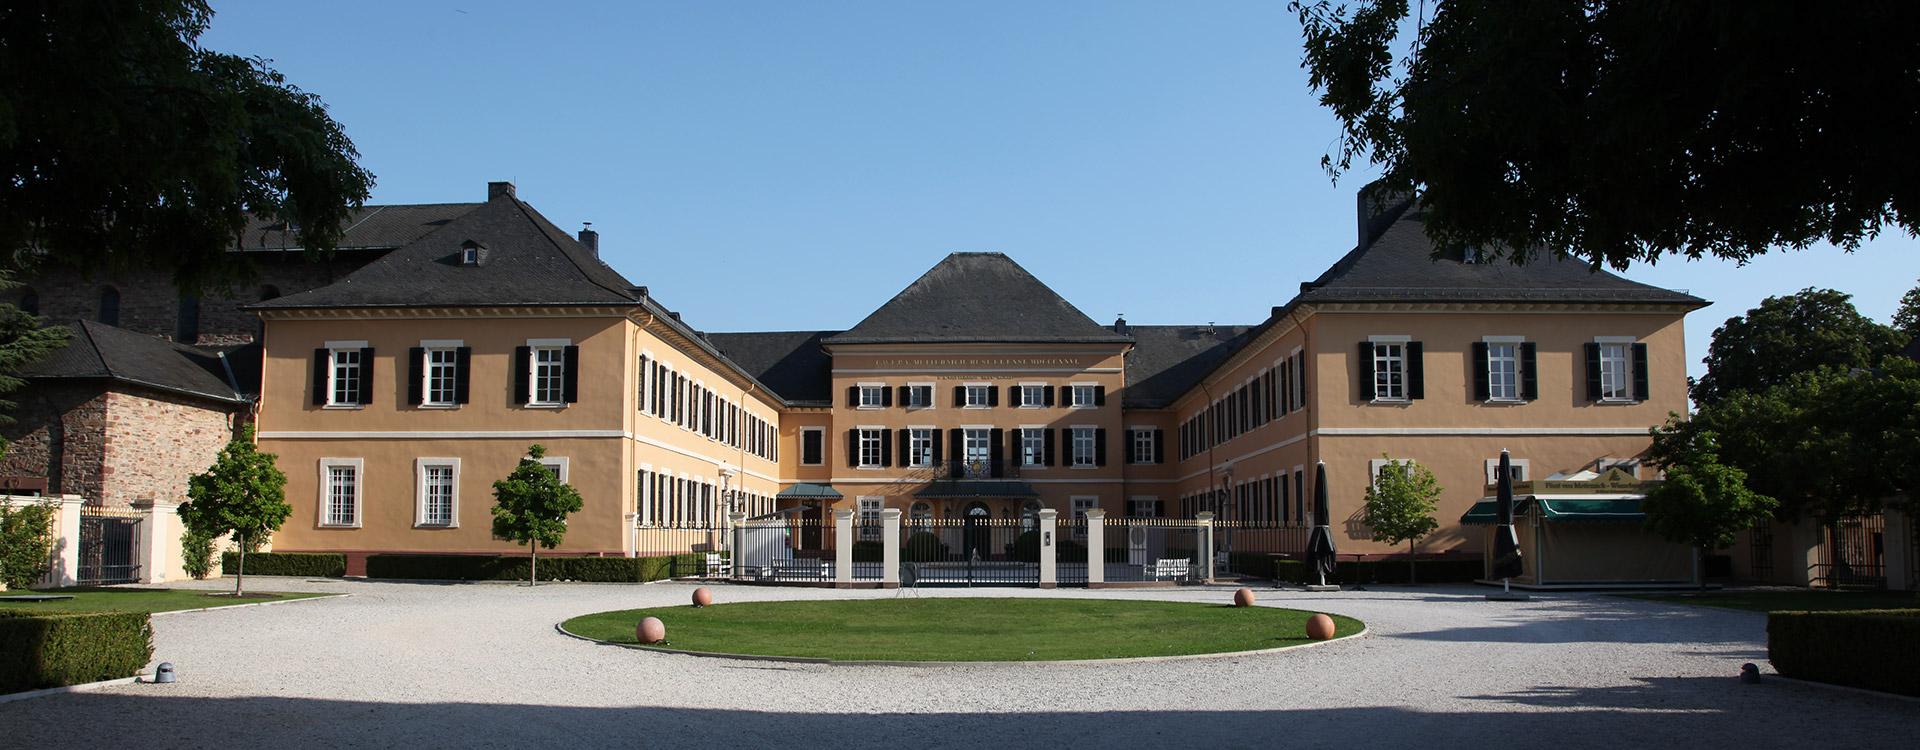 akzent_waldhotel_rheingau_geisenheim_ort_umgebung_01